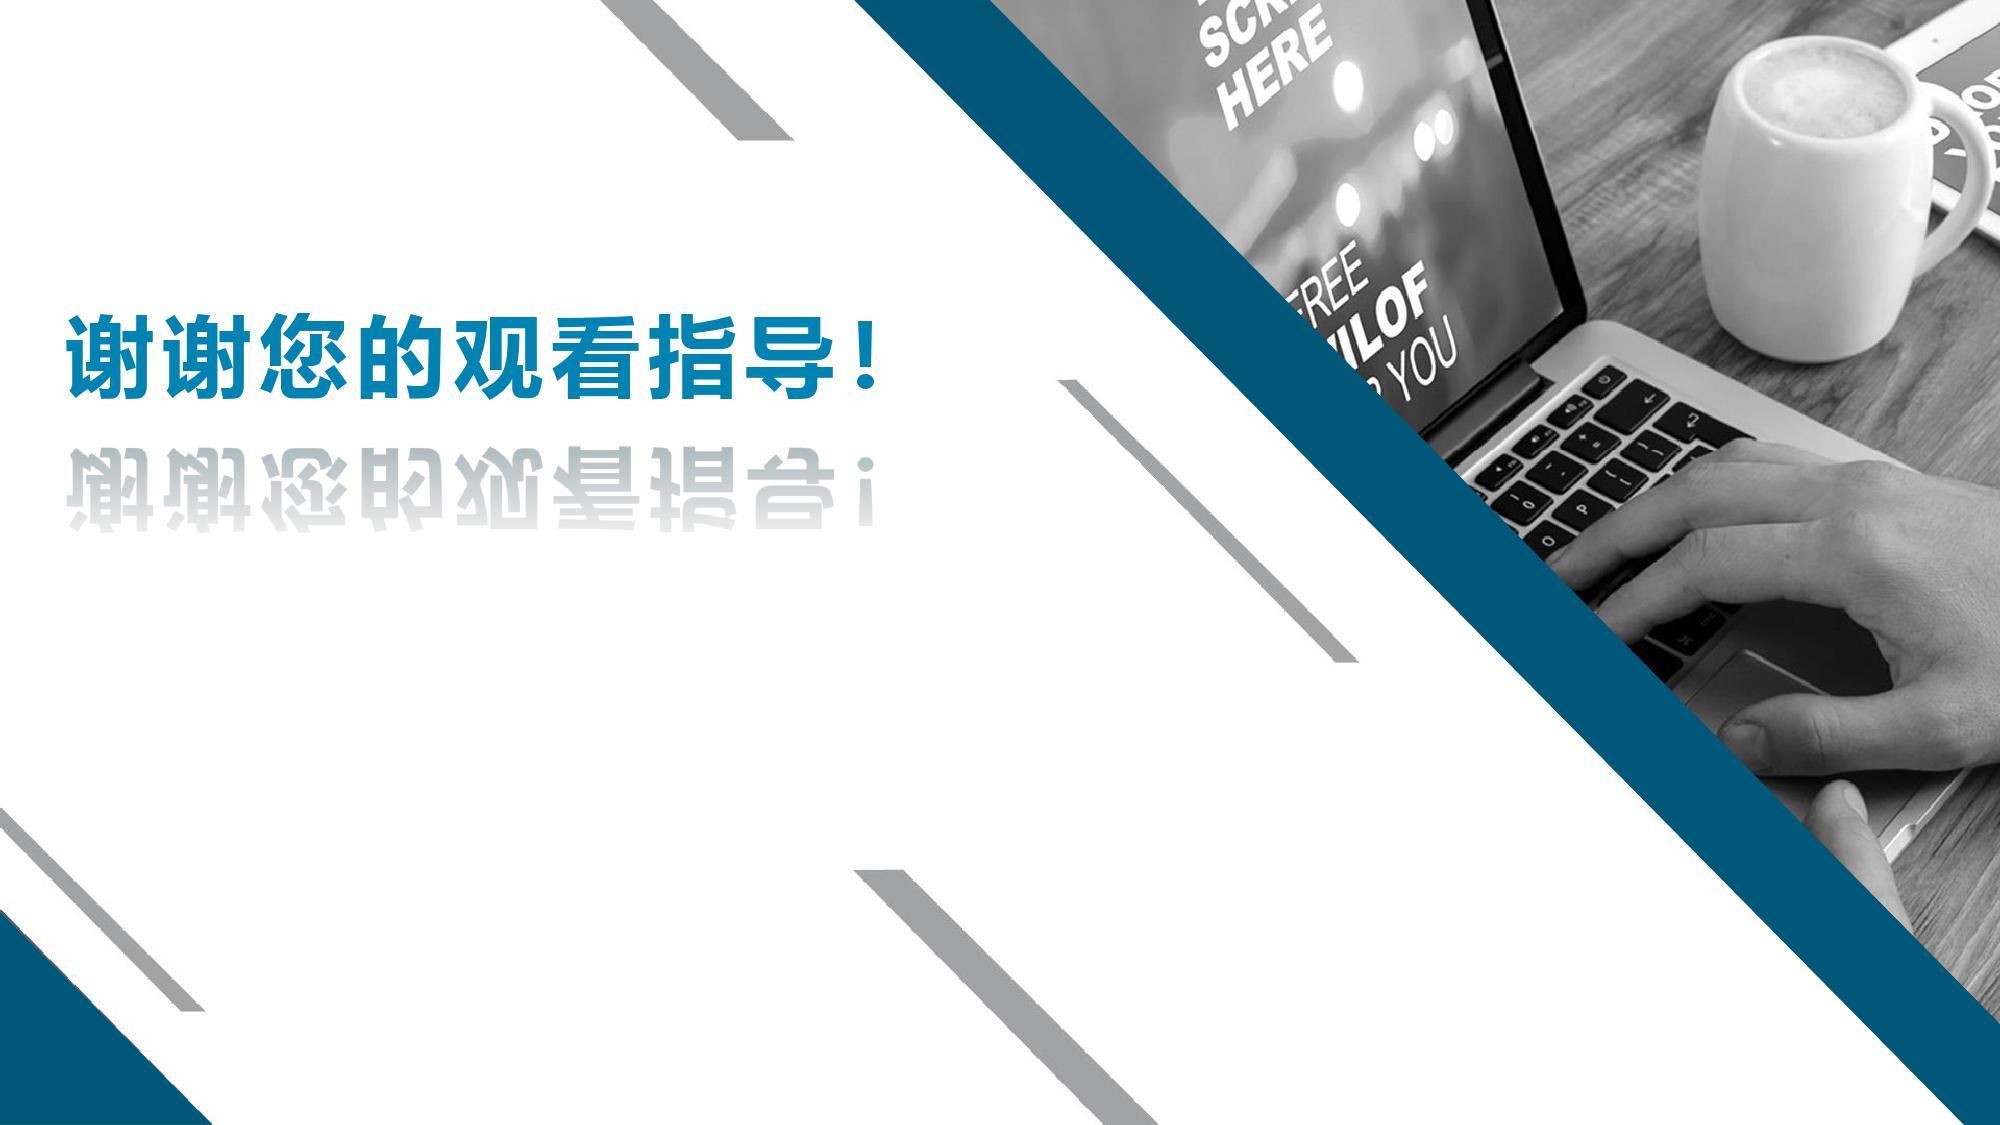 抖音 DTV 广告营销价值白皮书-CNMOAD 中文移动营销资讯 40